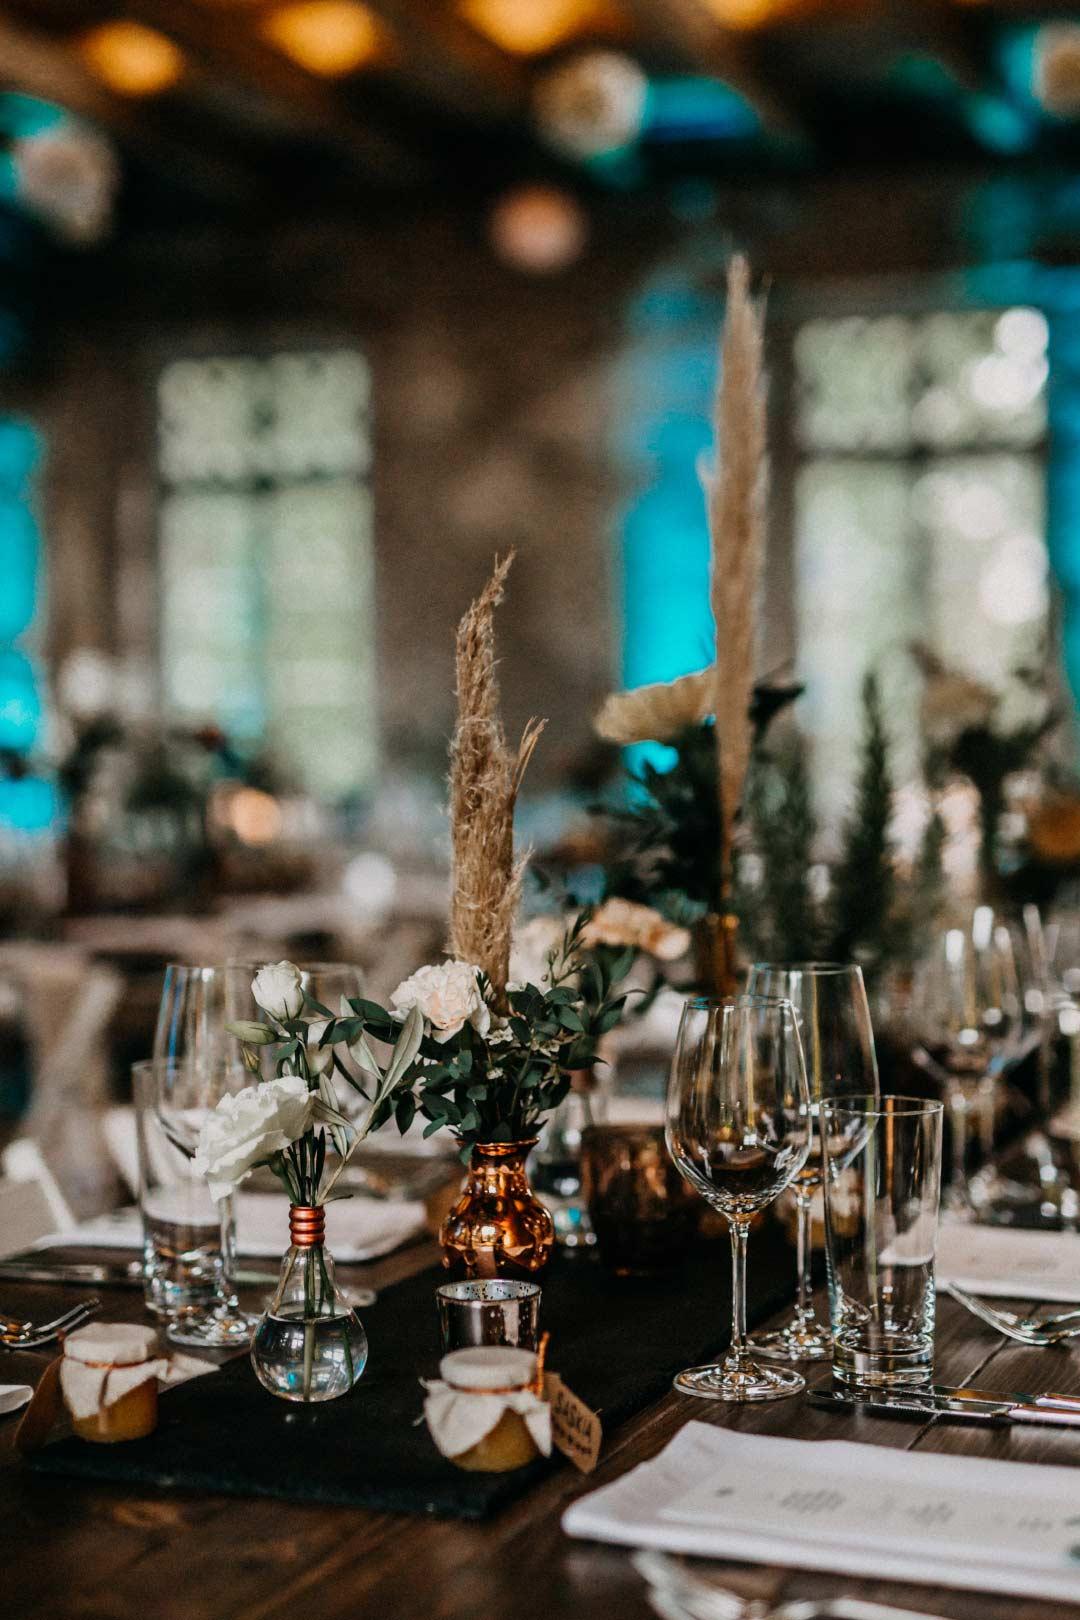 Besprühte Flasche als Dekoration bei der Hochzeit